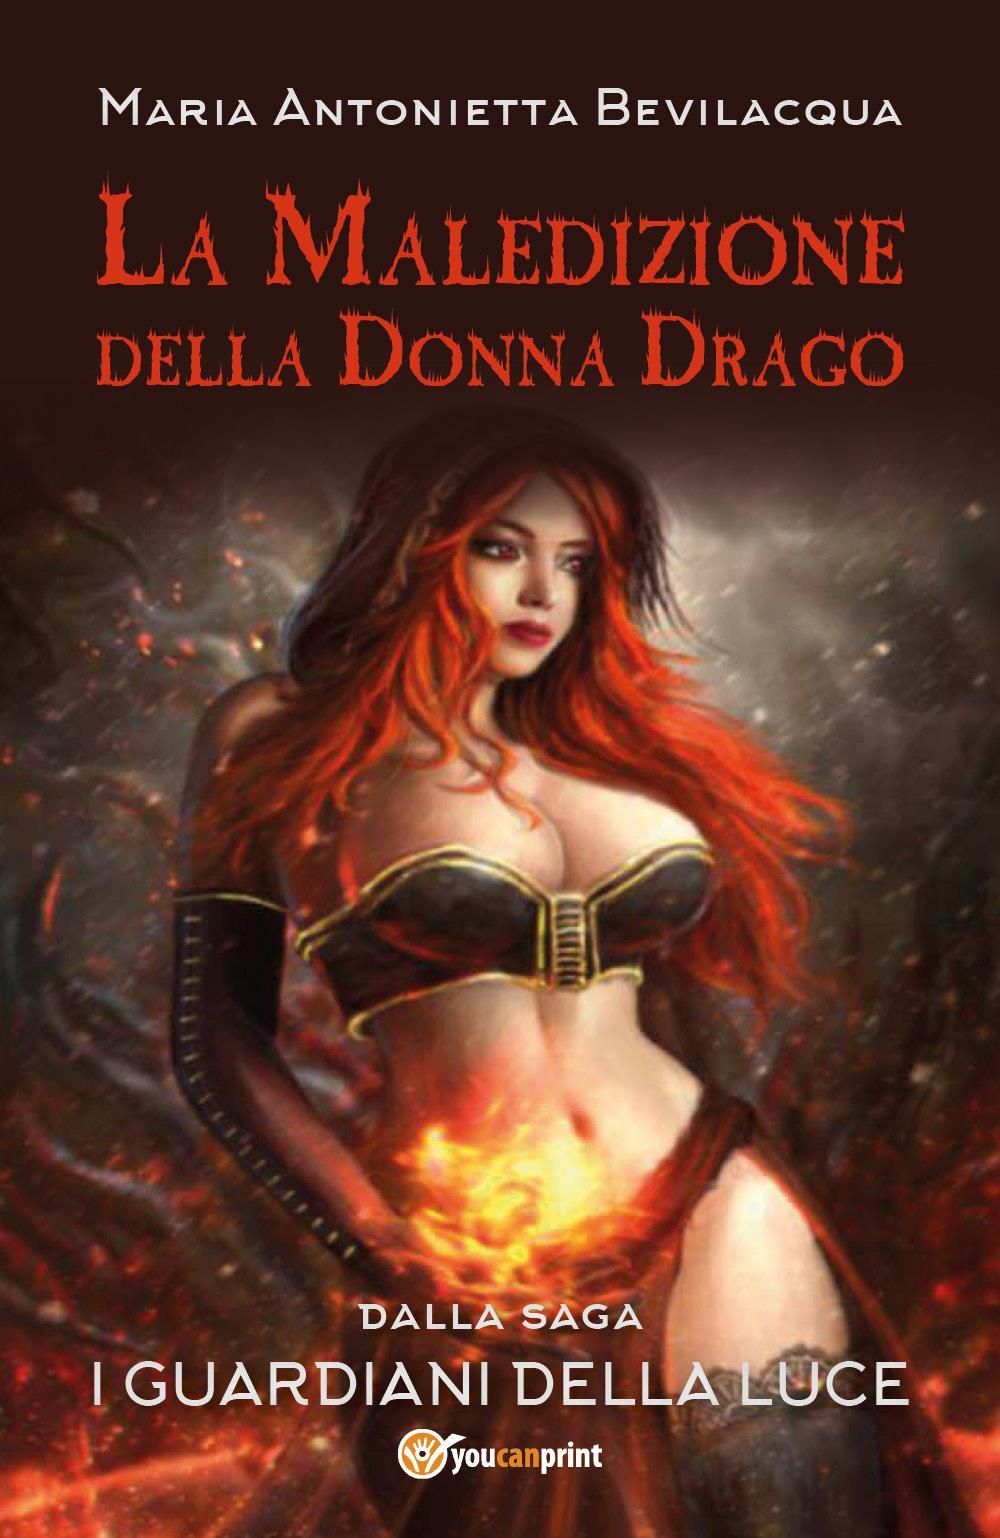 I Guardiani della luce (La maledizione della donna drago) primo volume